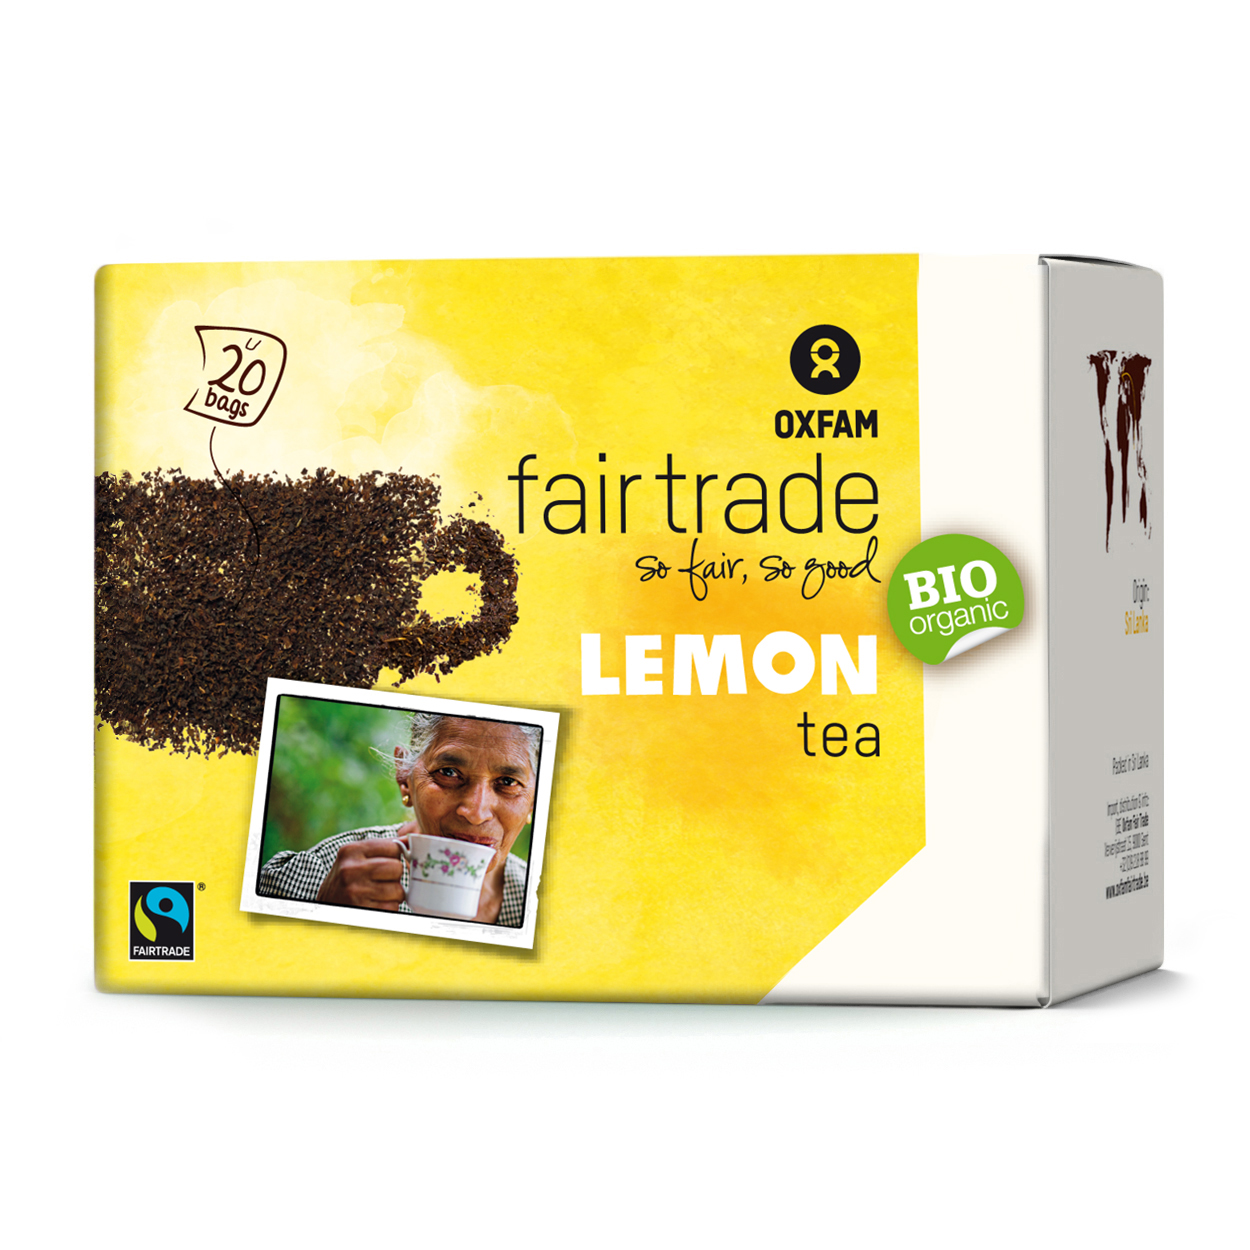 Oxfam Fair Trade 23504